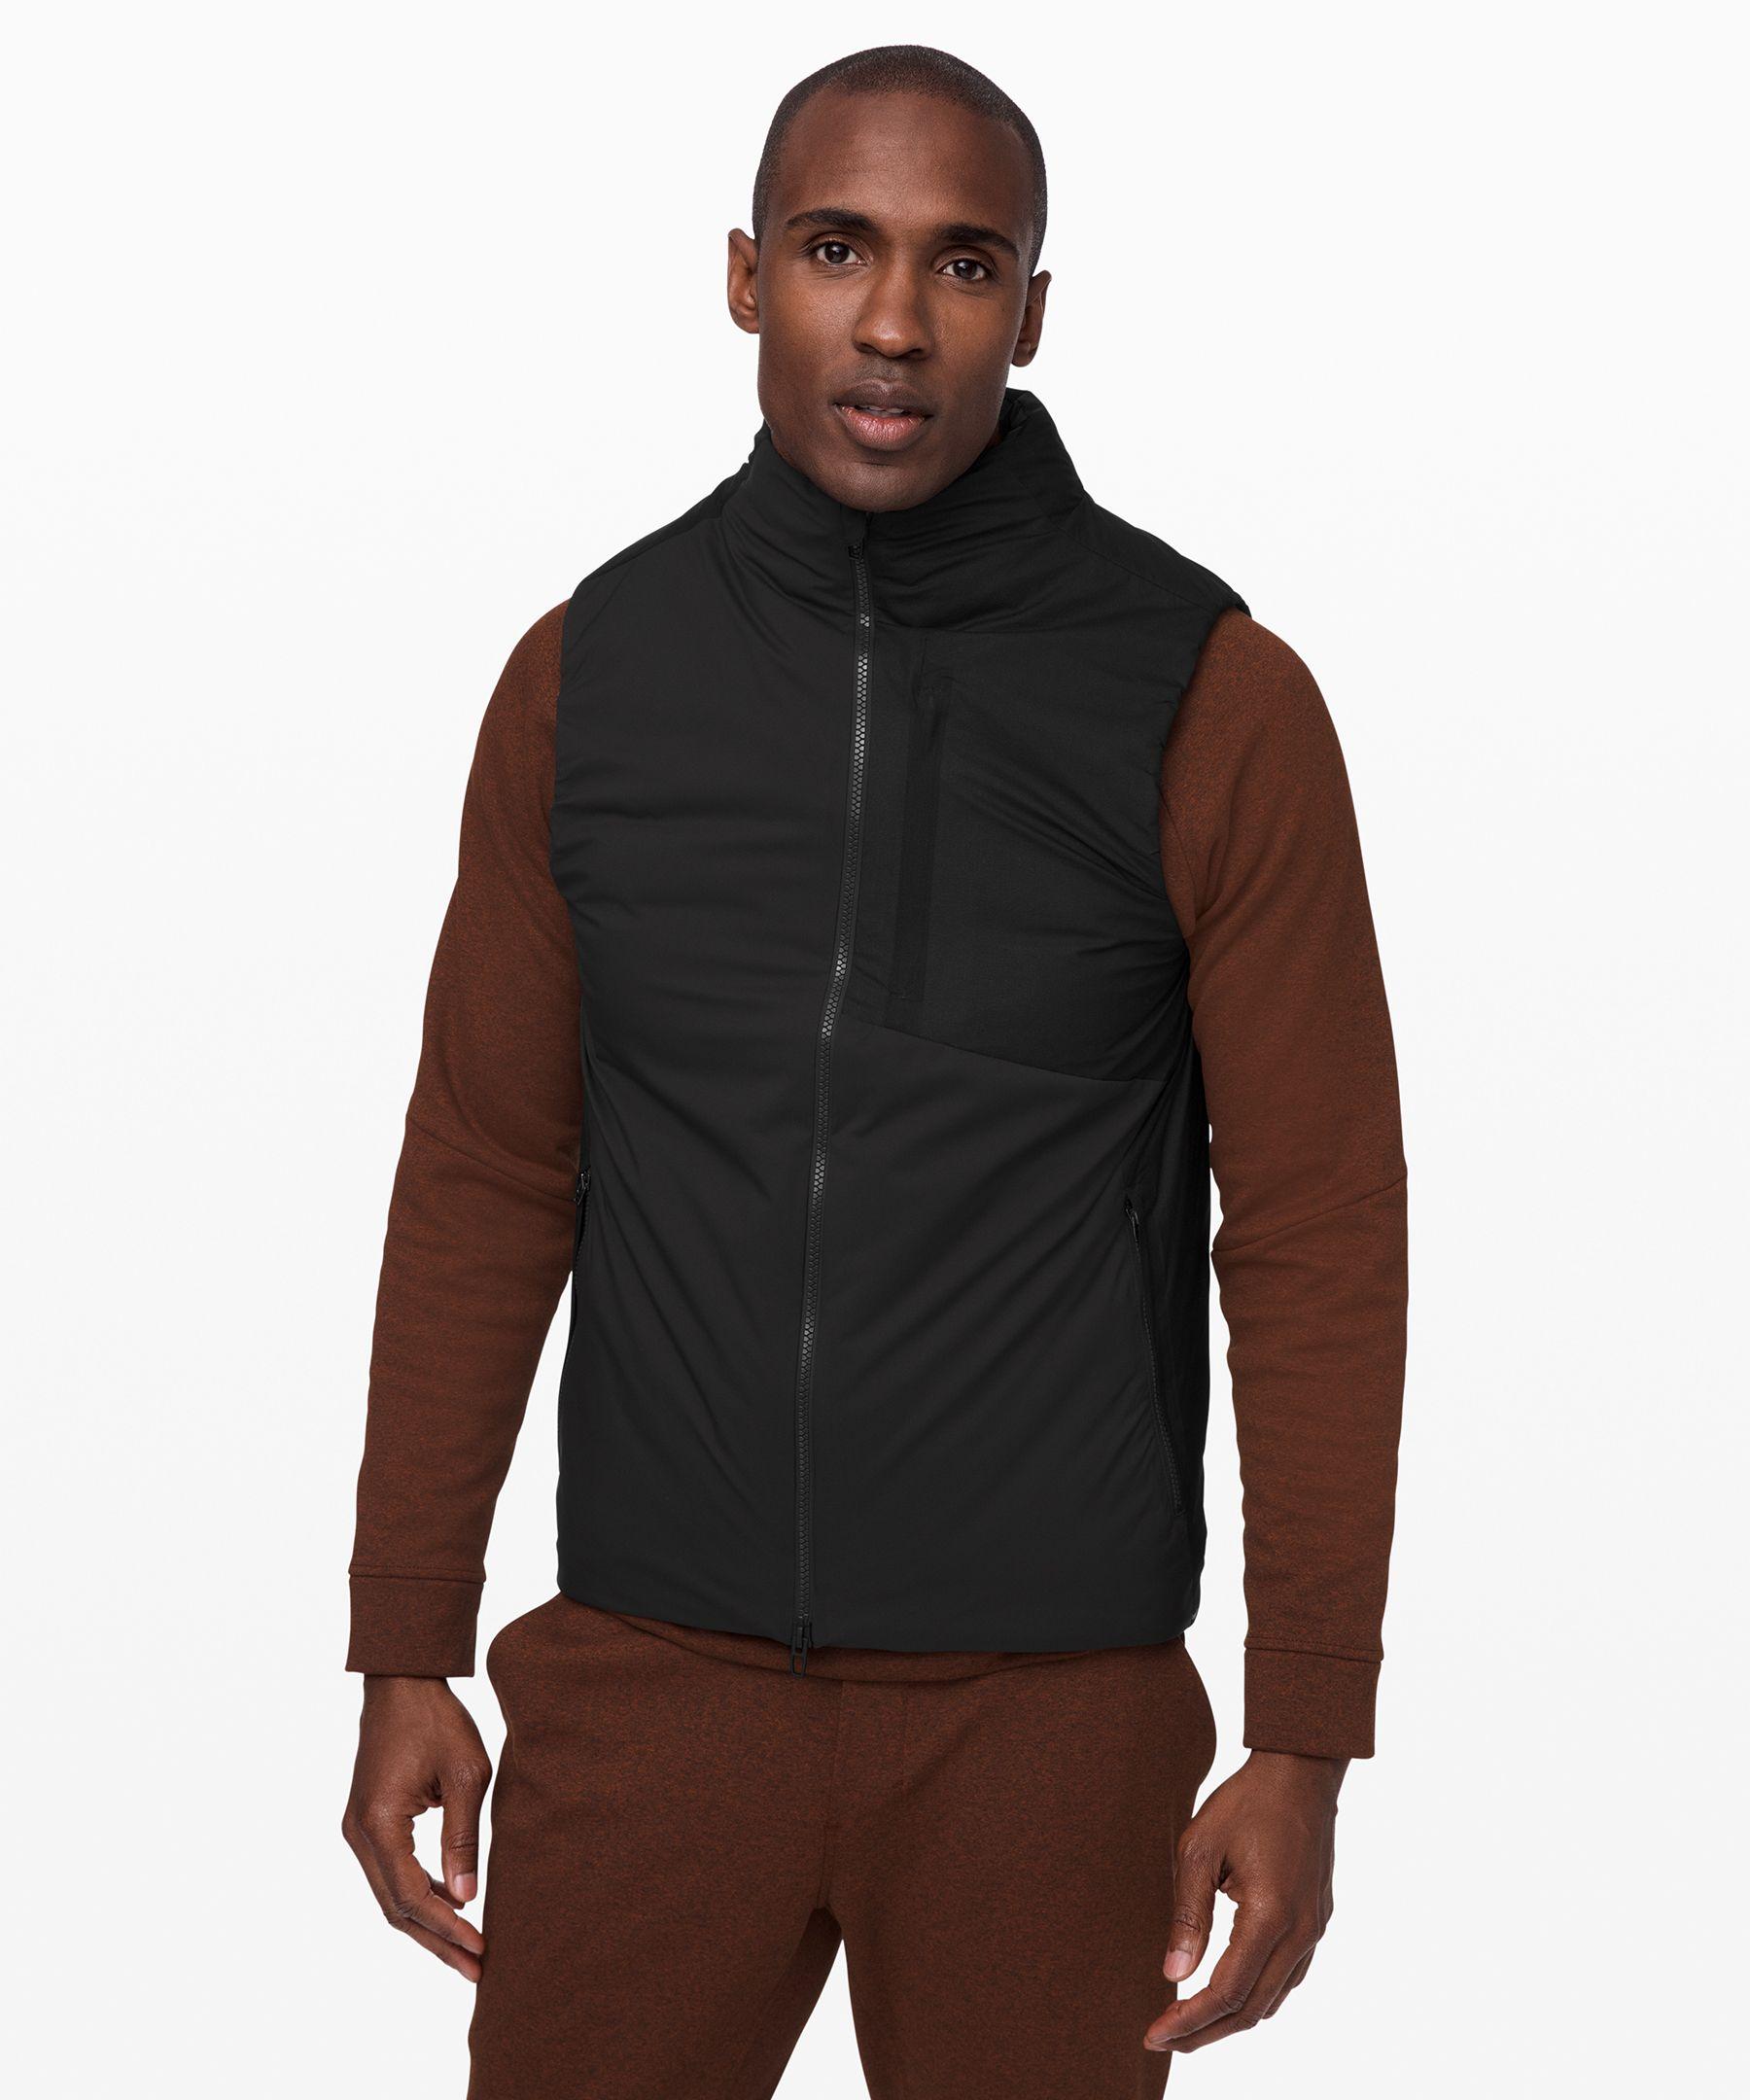 c73c2114aab30b Shoptagr   Pinnacle Warmth Vest by Lululemon